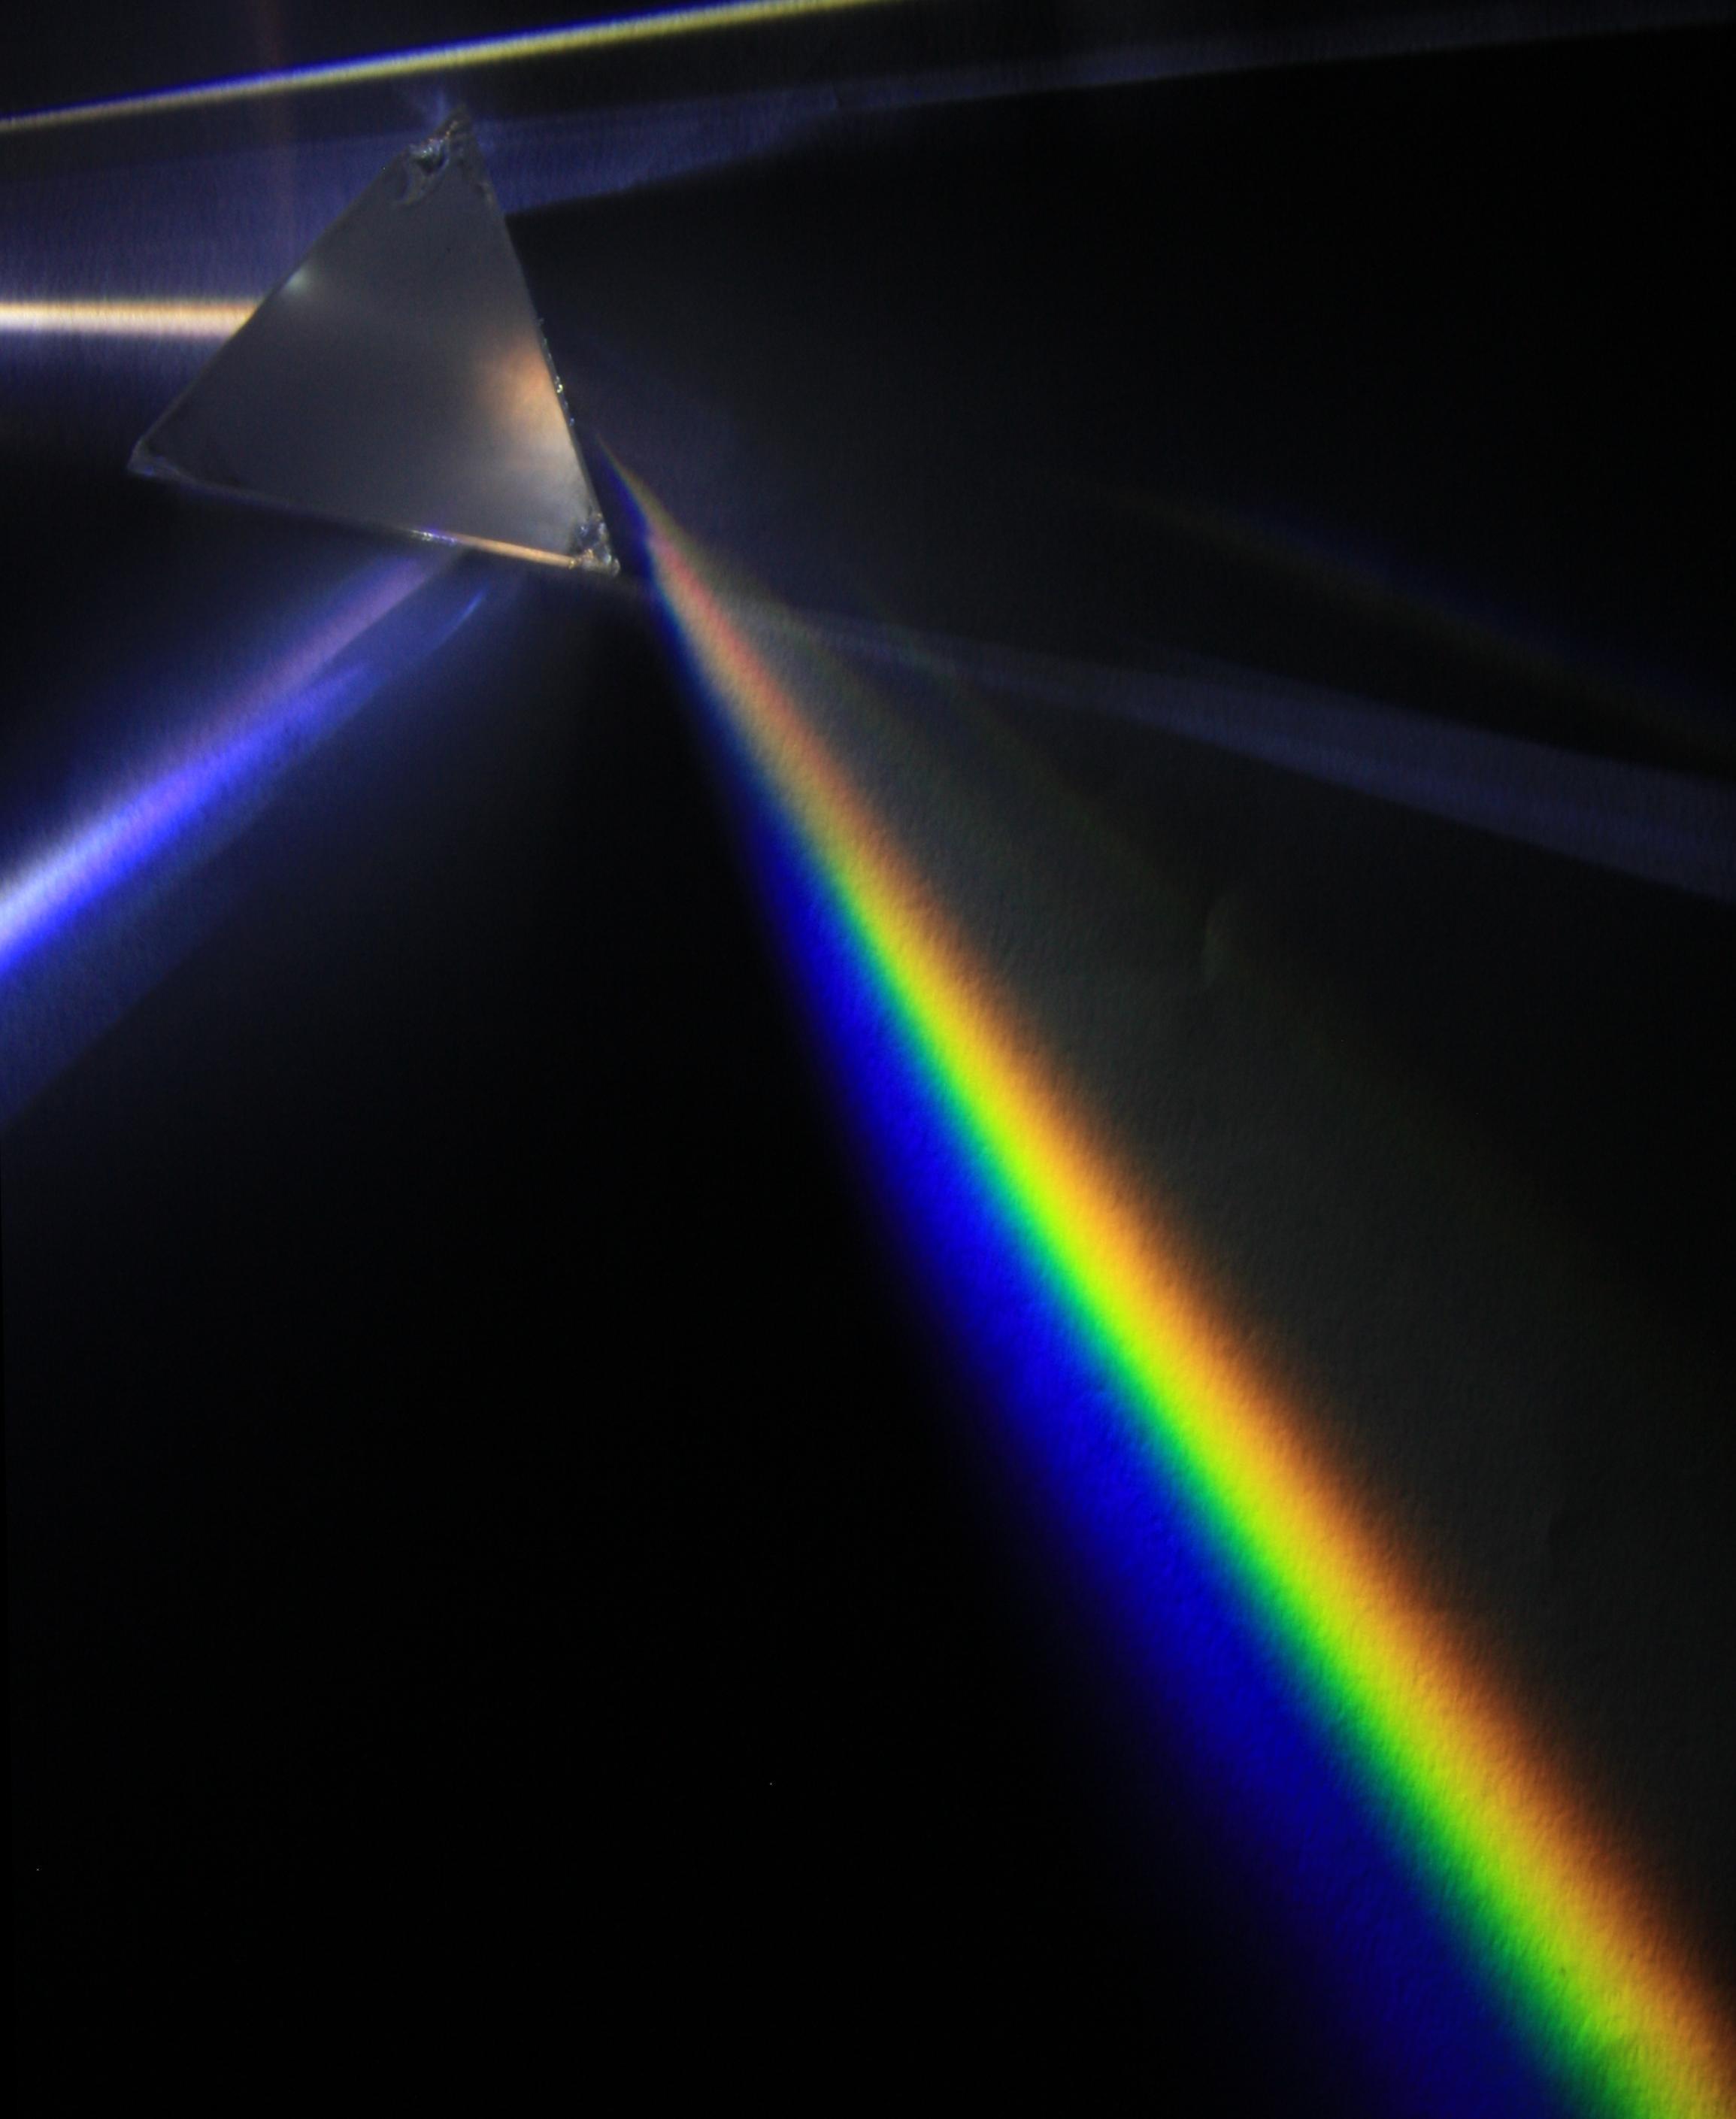 Light through a glass prism